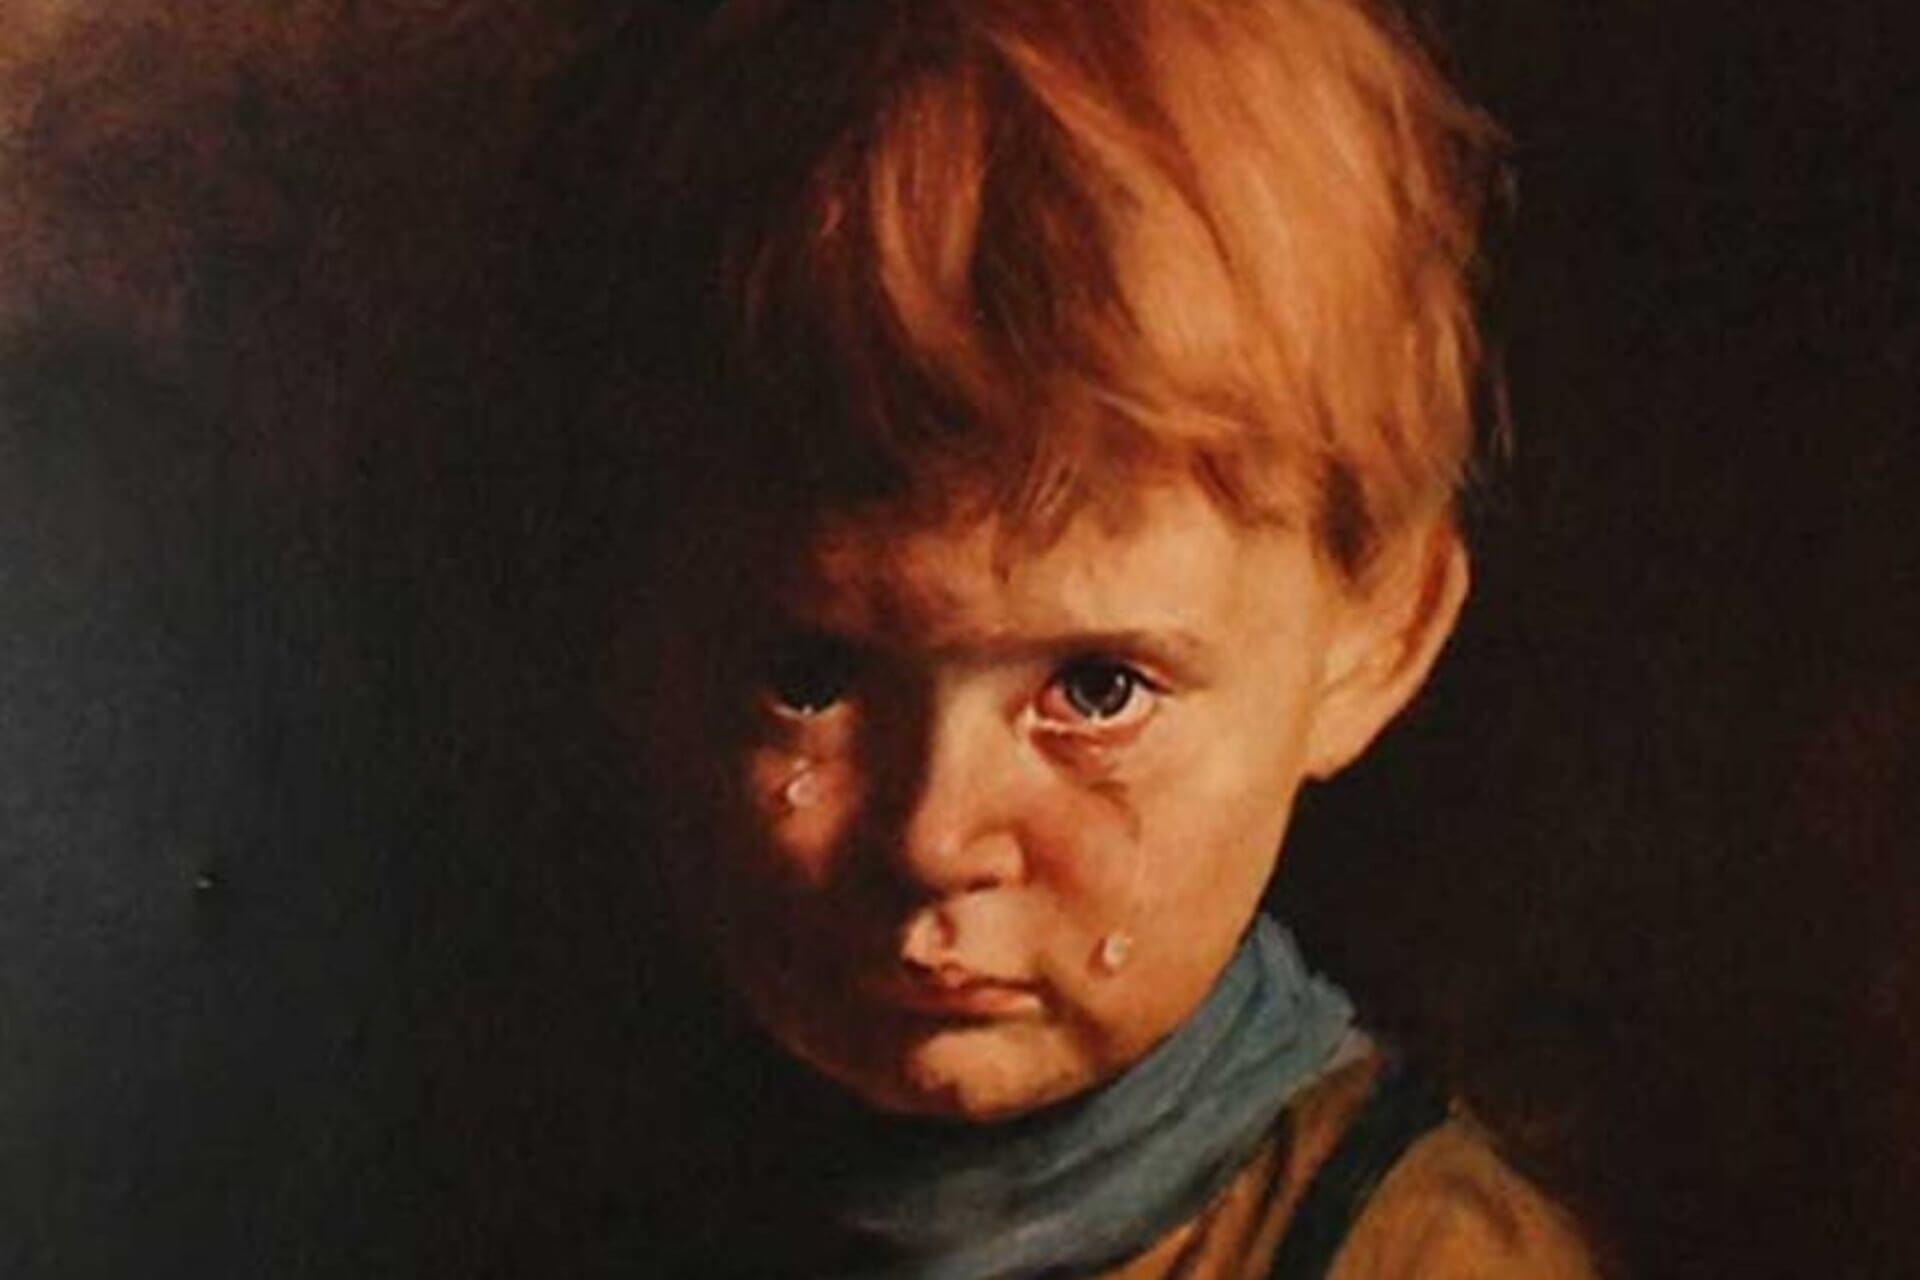 Мистическая история «Плачущего мальчика» Бруно Амадио